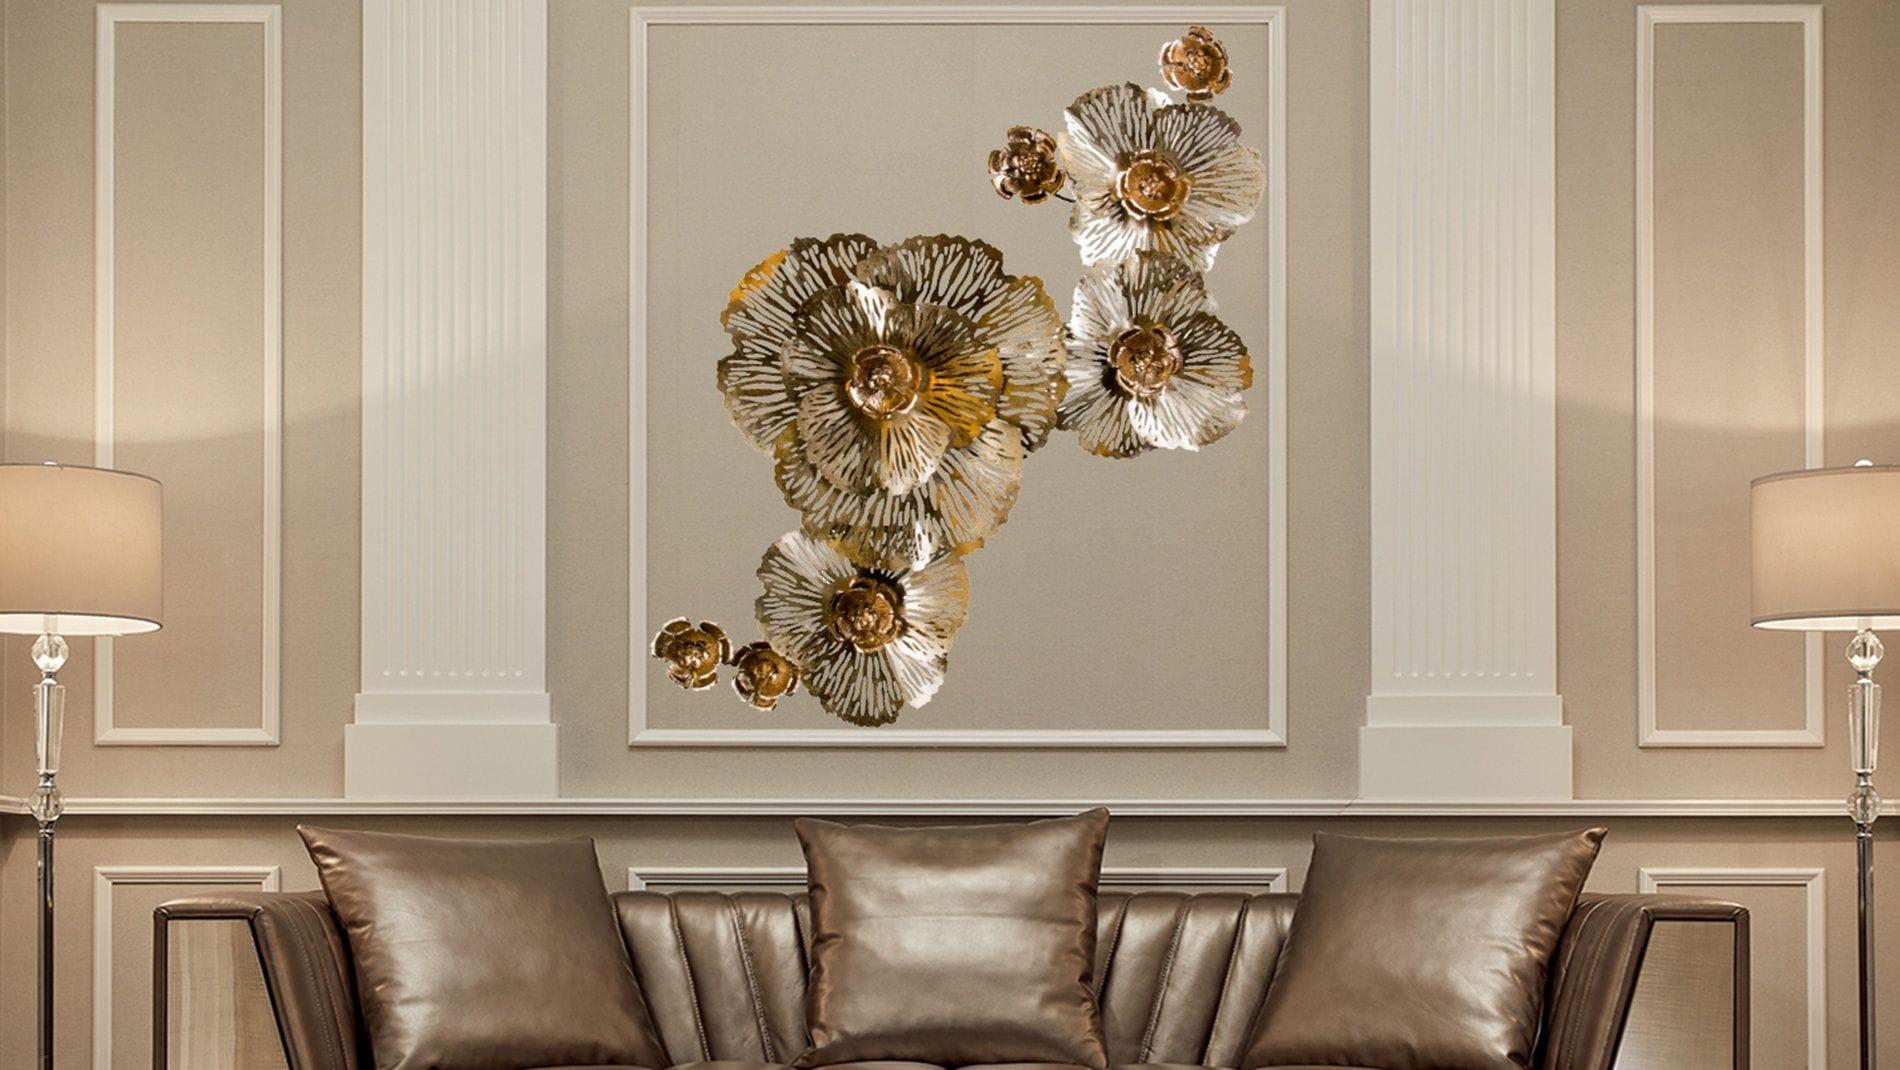 Настенное панно из металла золотые цветы 185*102 см.